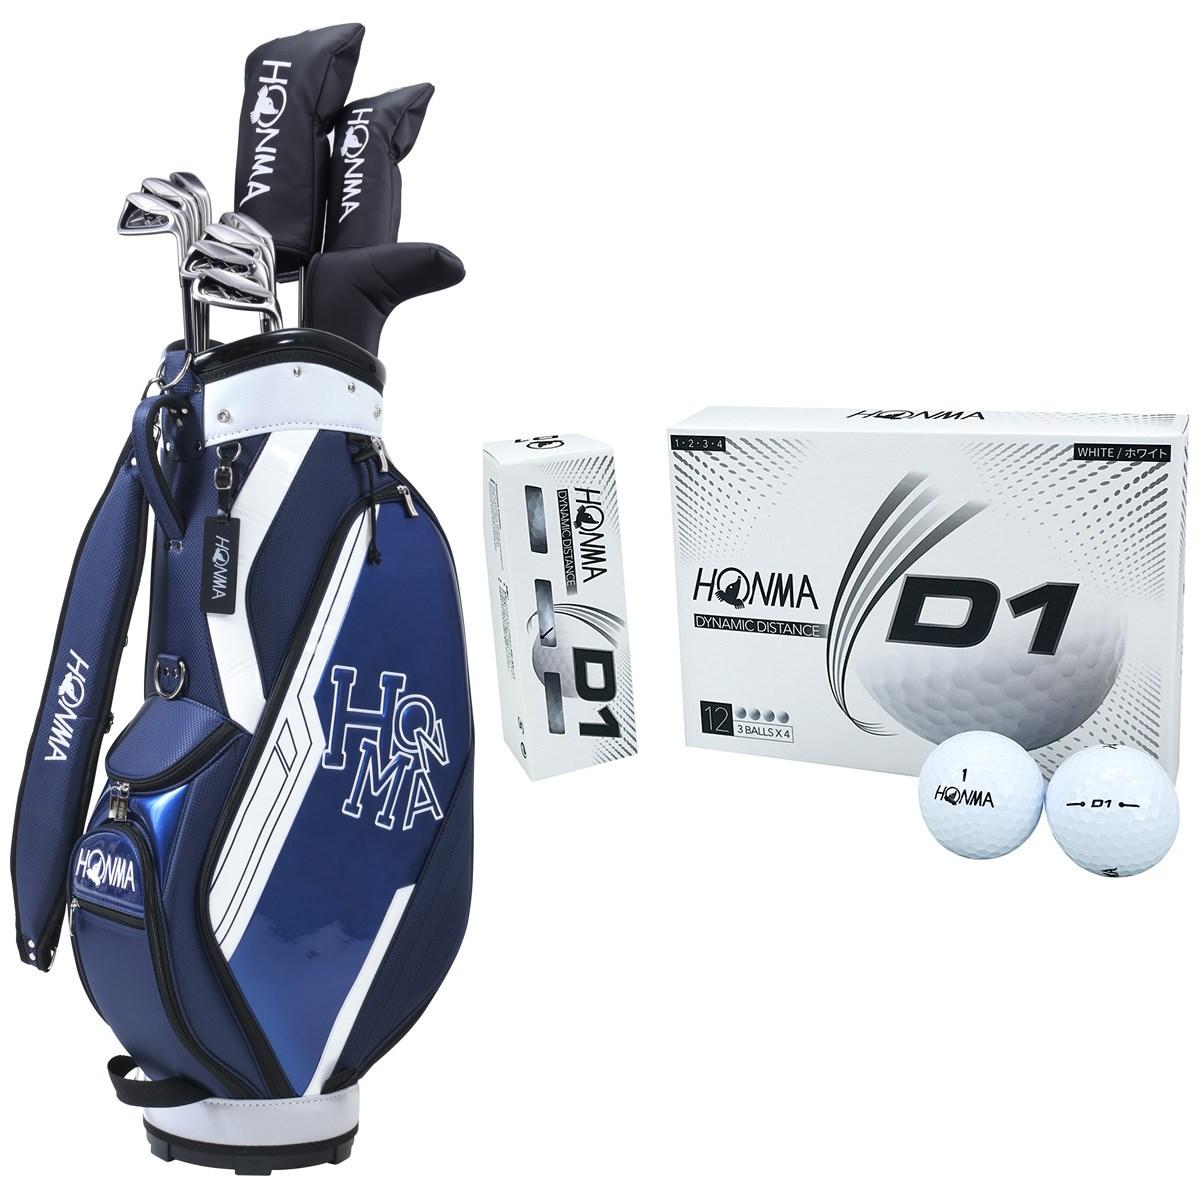 本間ゴルフ HONMA D1 オールインワンセット(10本セット)+ボール1ダースセット R 【クラブセット】ネイビー/【ボール】ホワイト